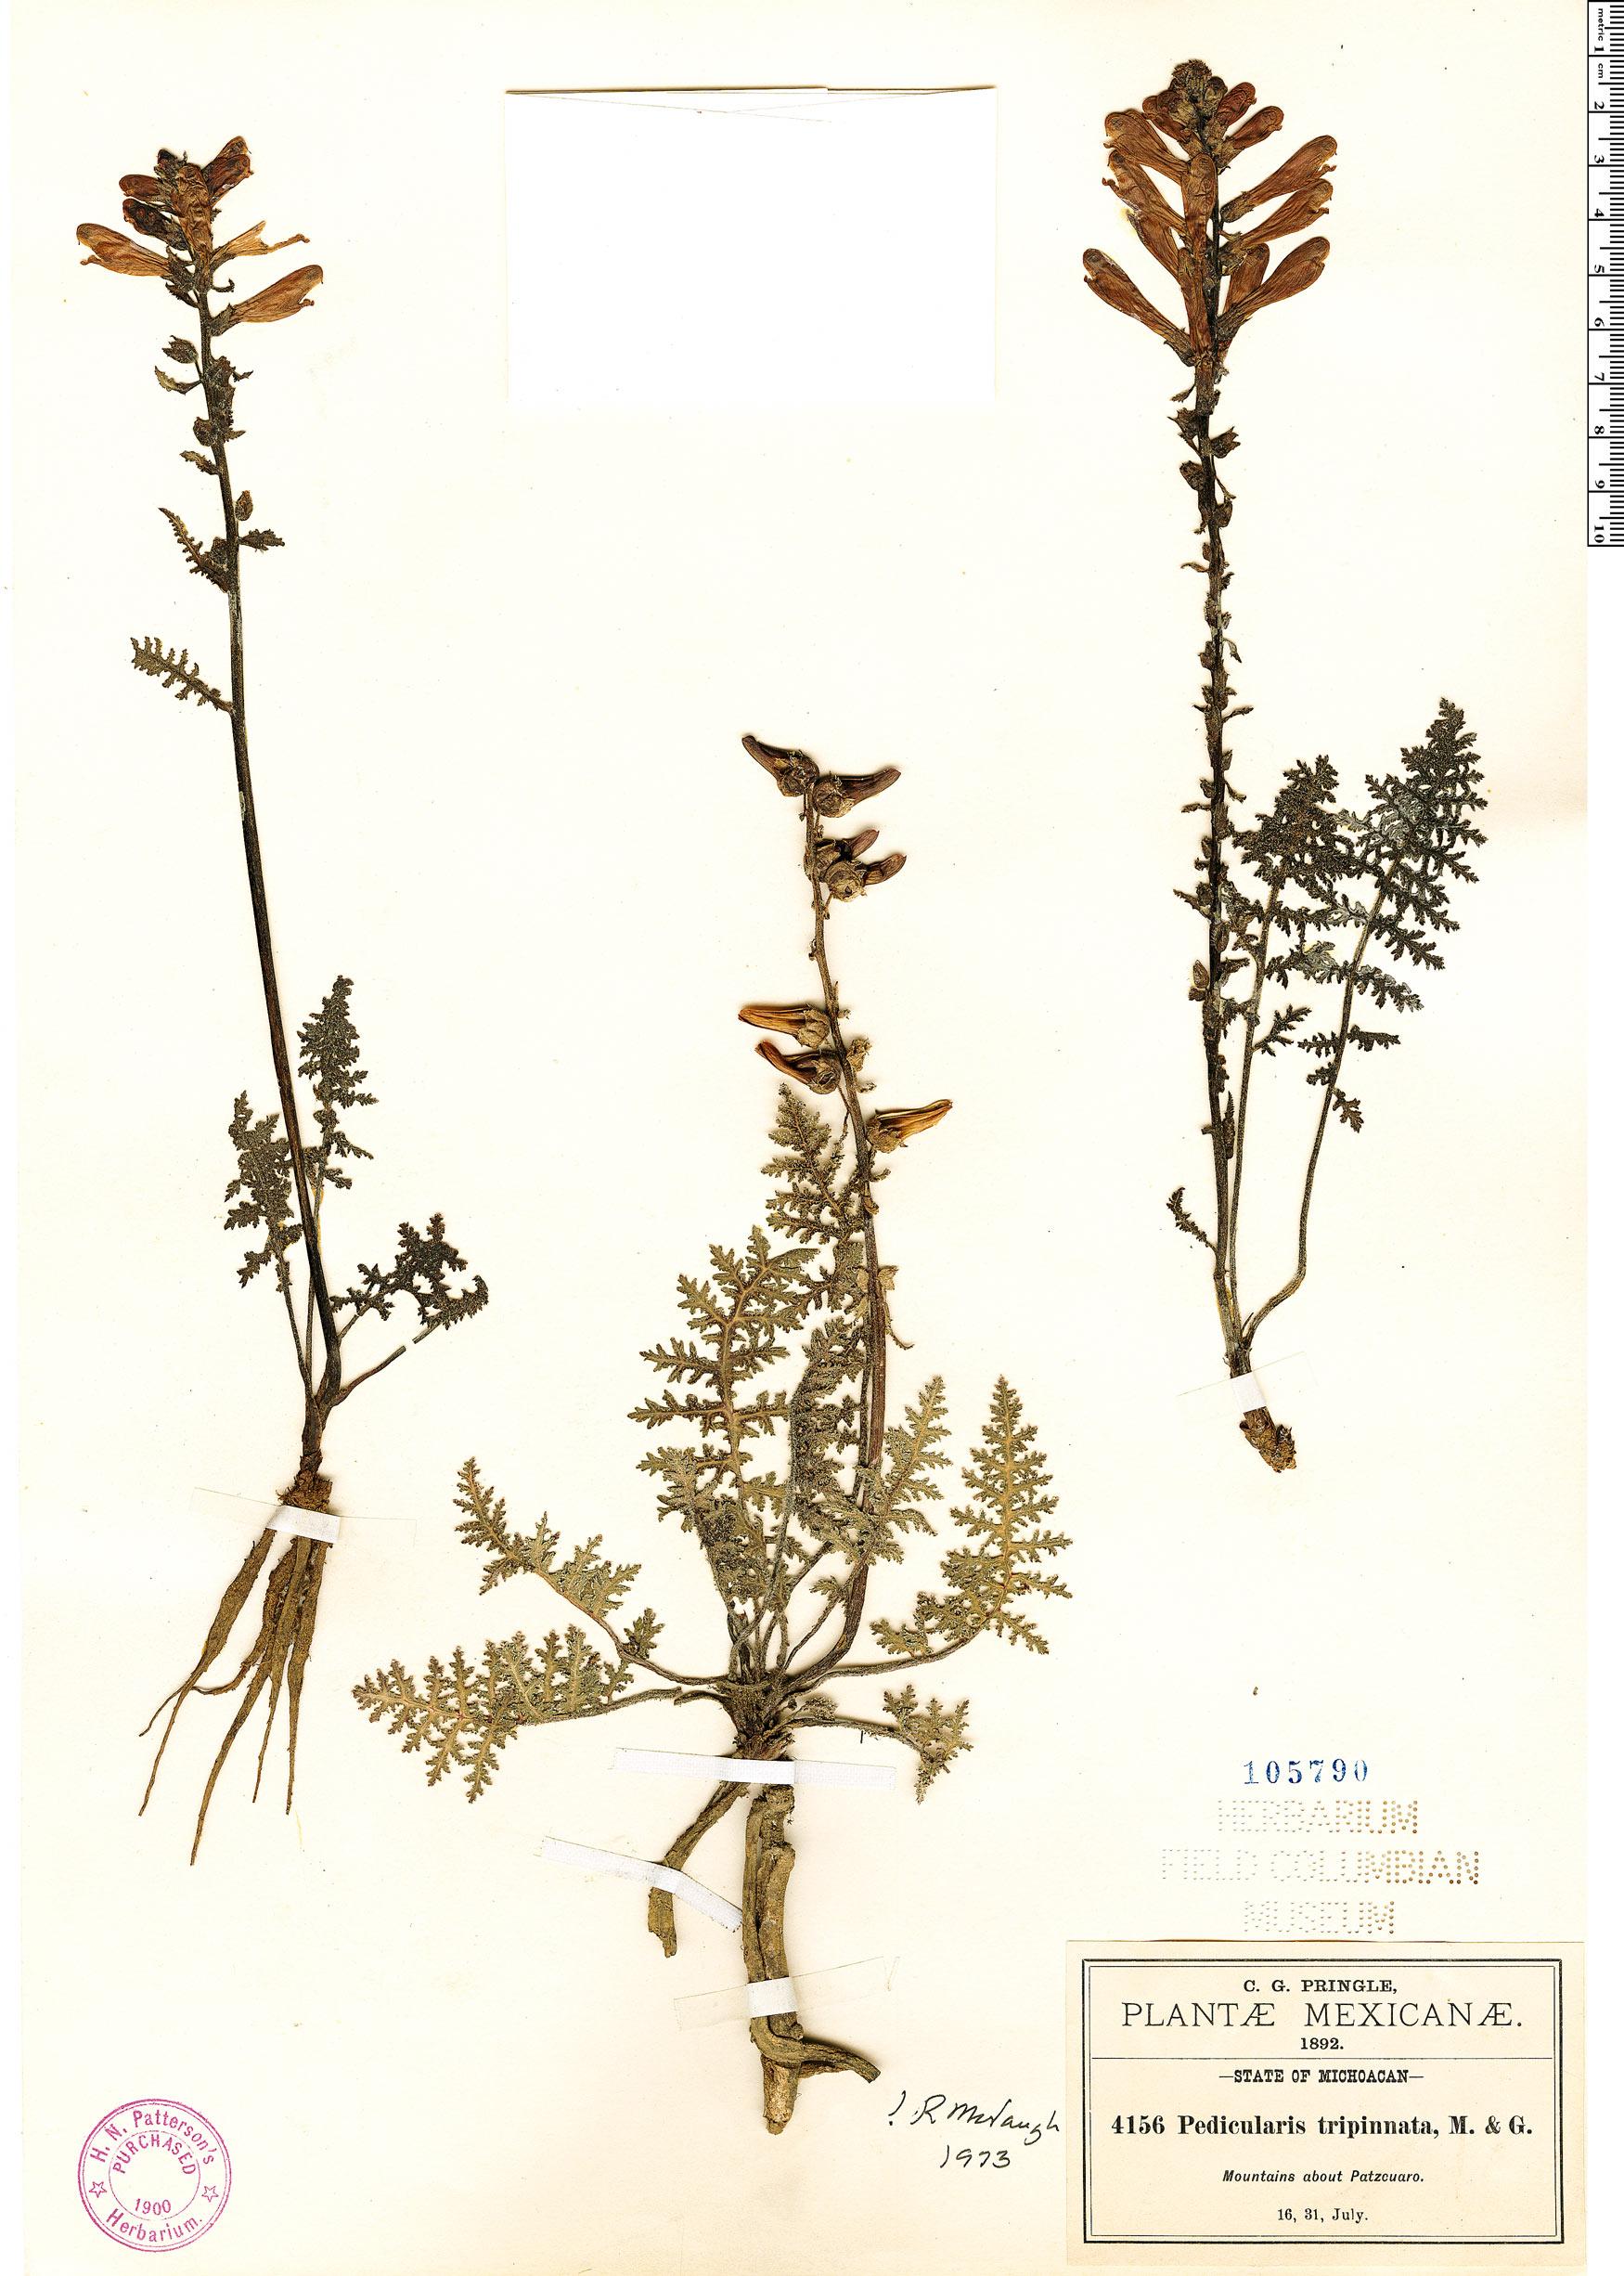 Specimen: Pedicularis tripinnata